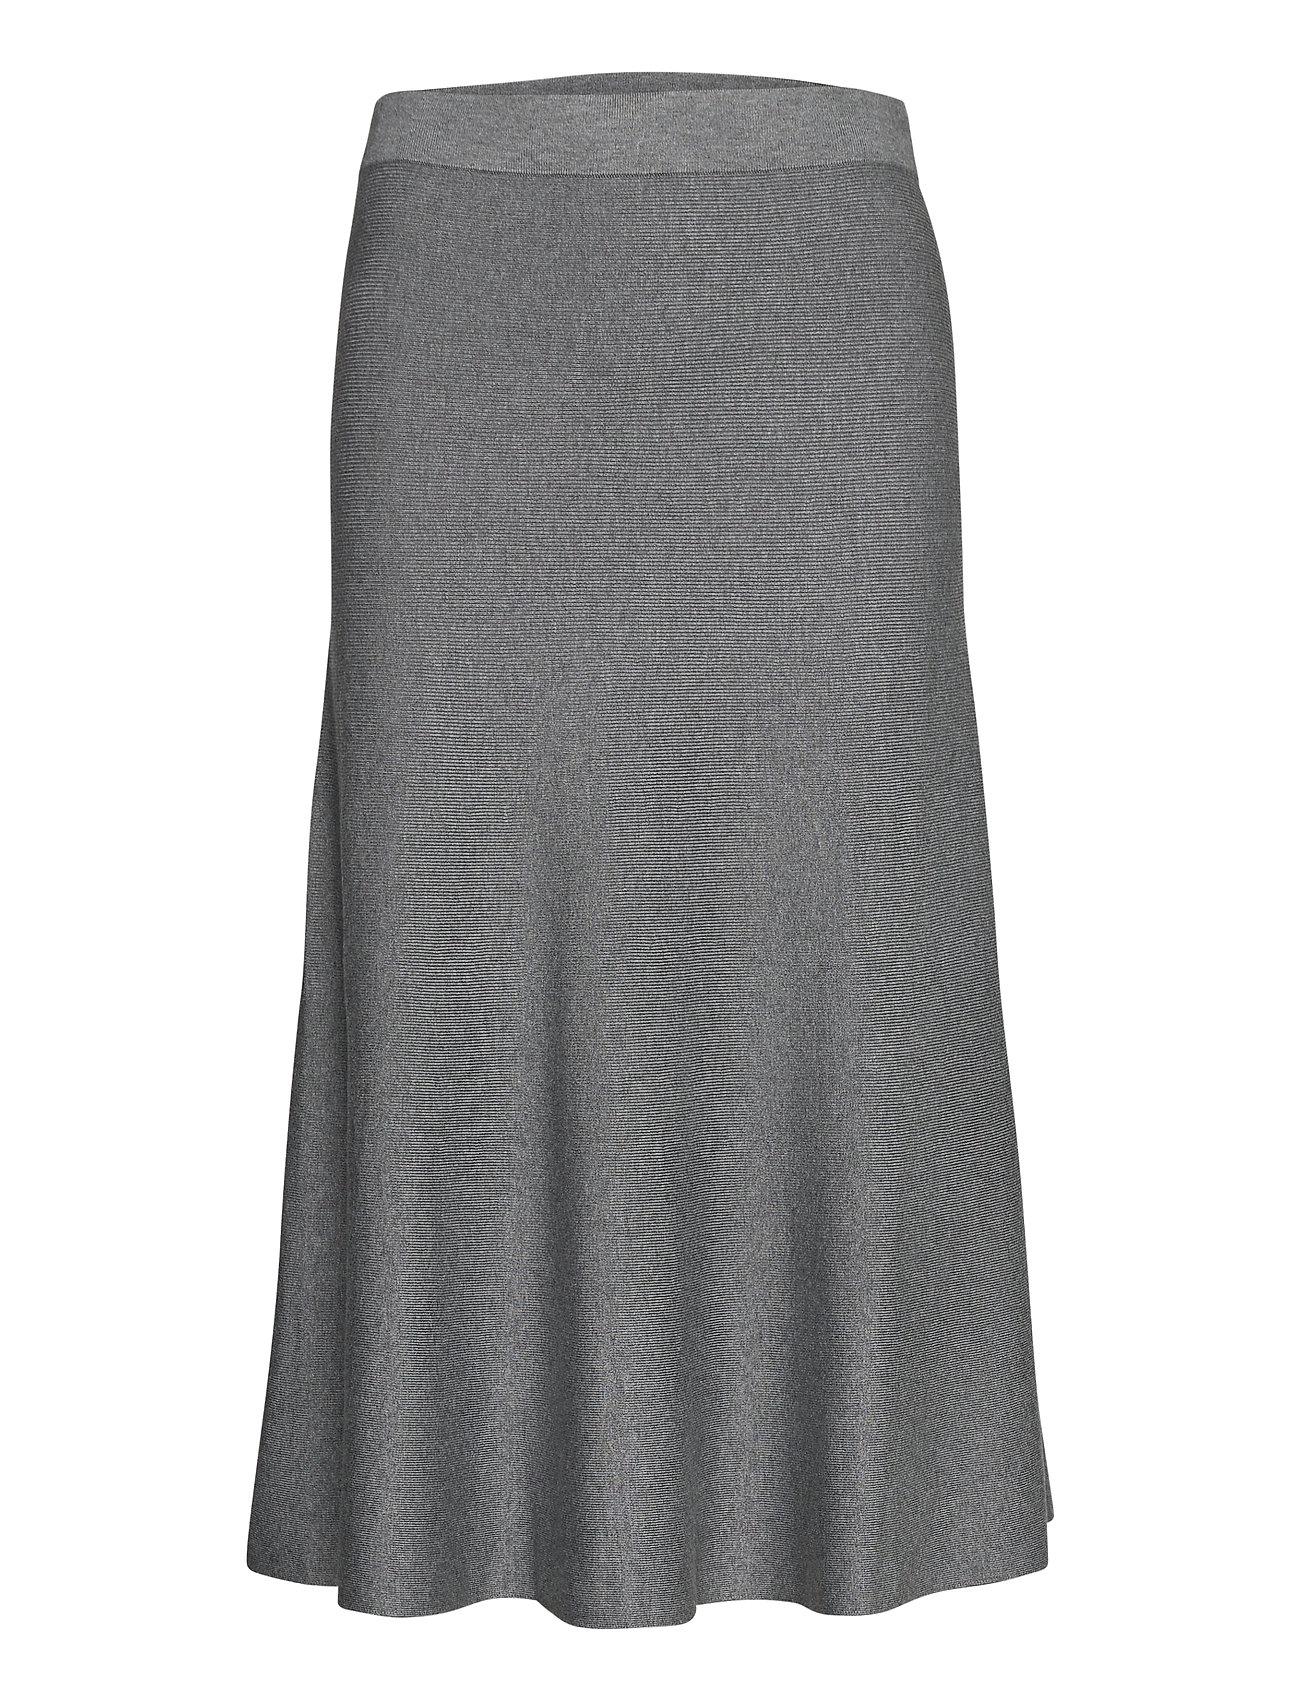 Skirts Flat Knitted Knælang Nederdel Grå Esprit Collection